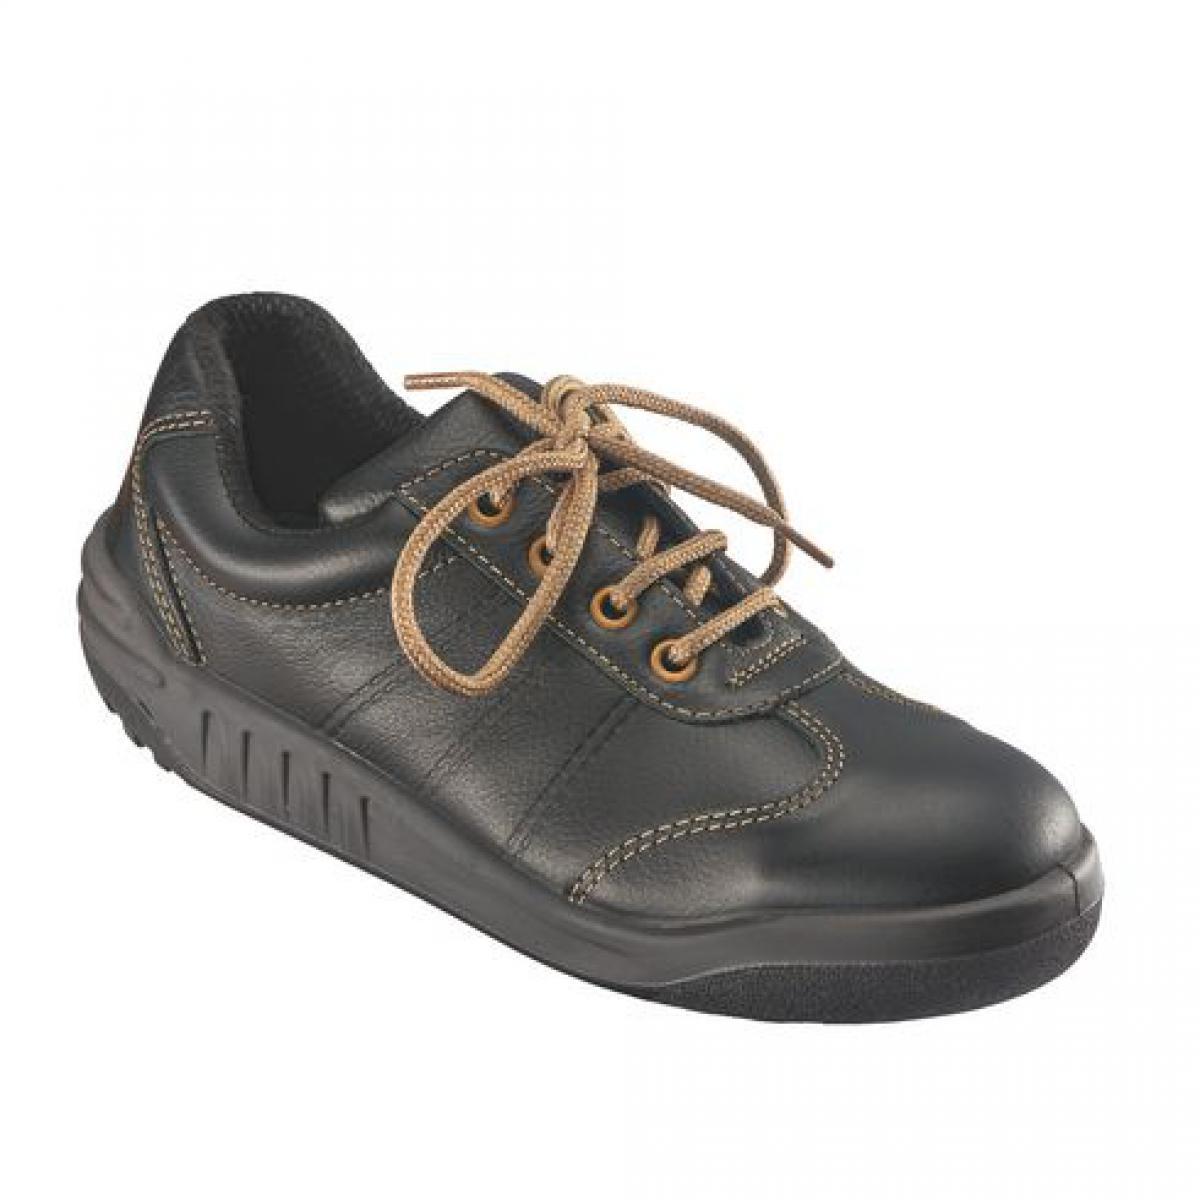 Parade Paire de chaussures basses femme Parade Josio - noir - Pointure 41